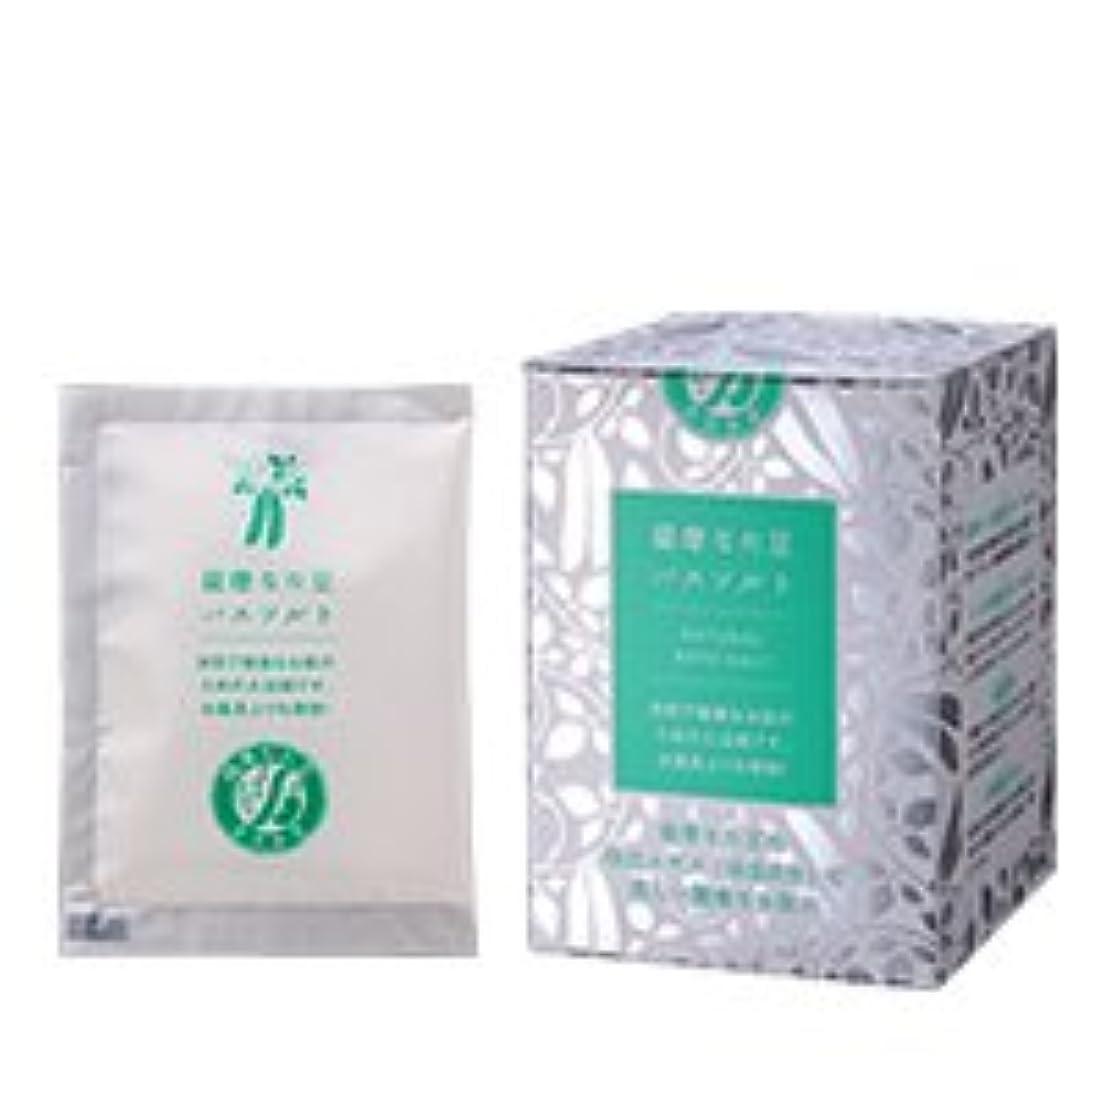 嵐が丘麻酔薬正確な薩摩なた豆バスソルト【薩摩なた豆抽出エキス入り入浴剤?10包入り????????にも!】